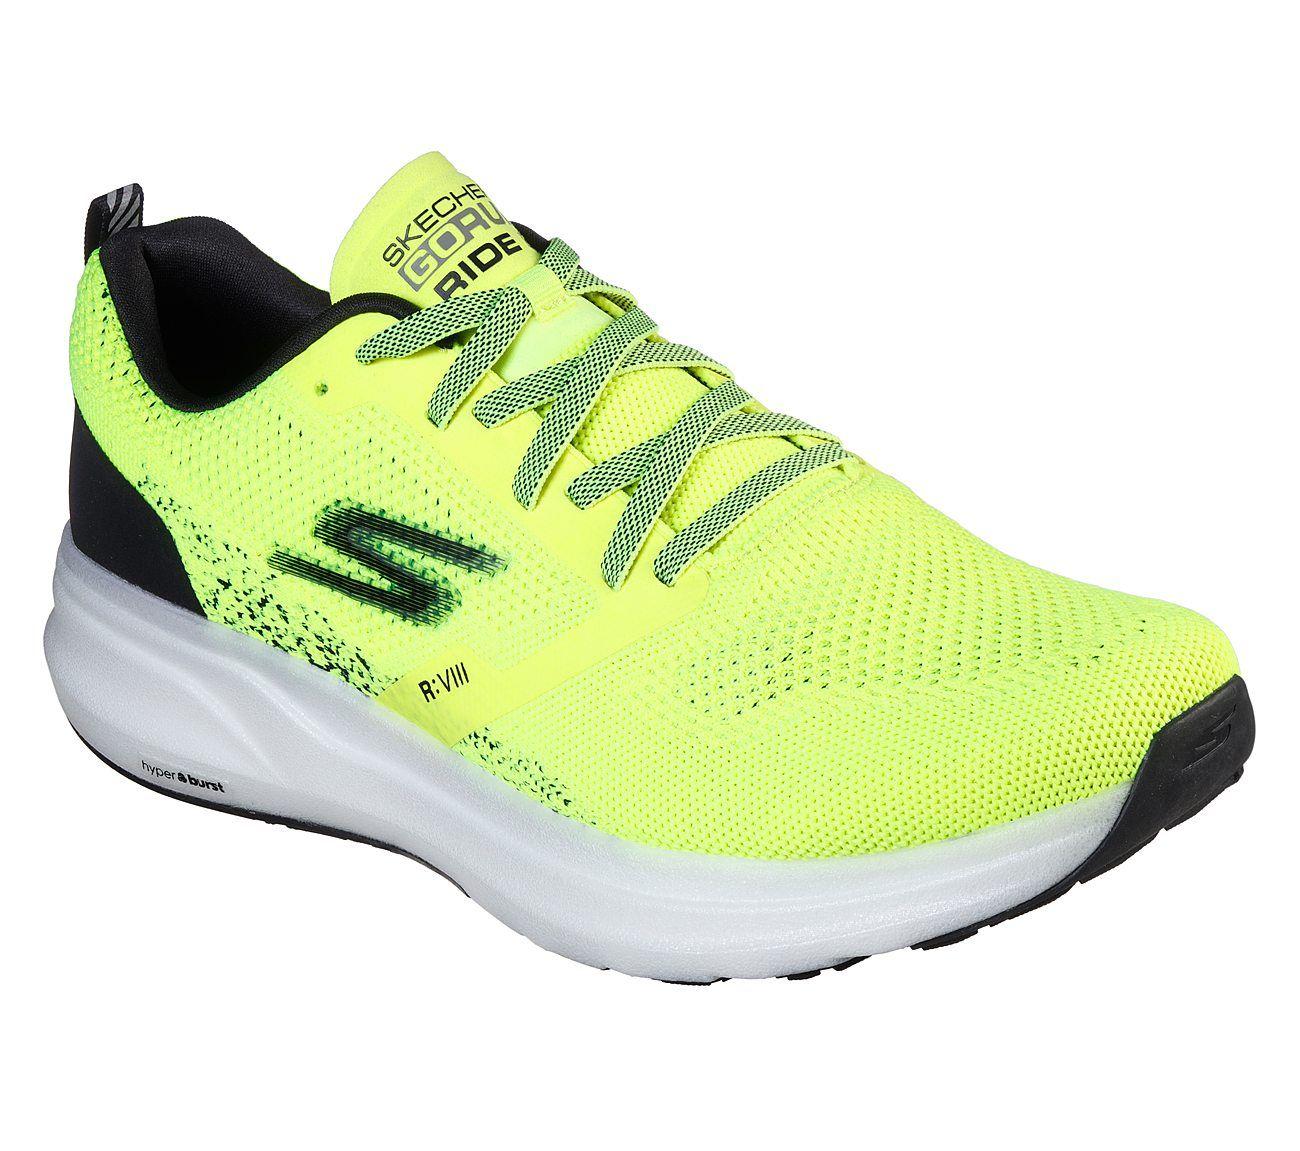 running ke liye shoes